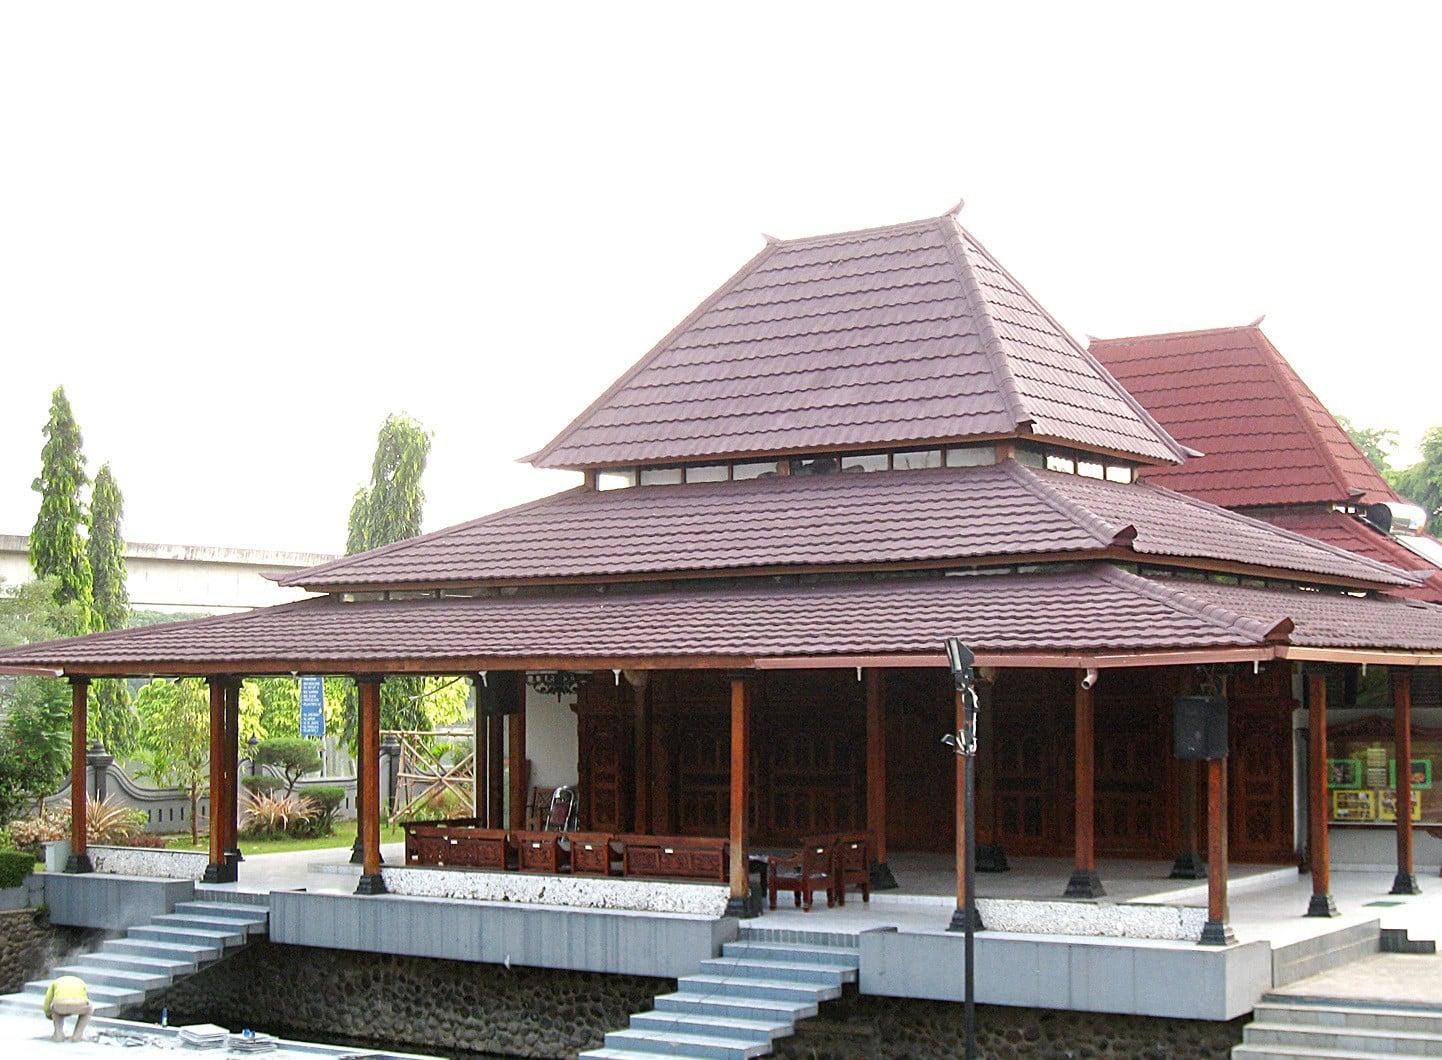 Rumah-Adat-Joglo